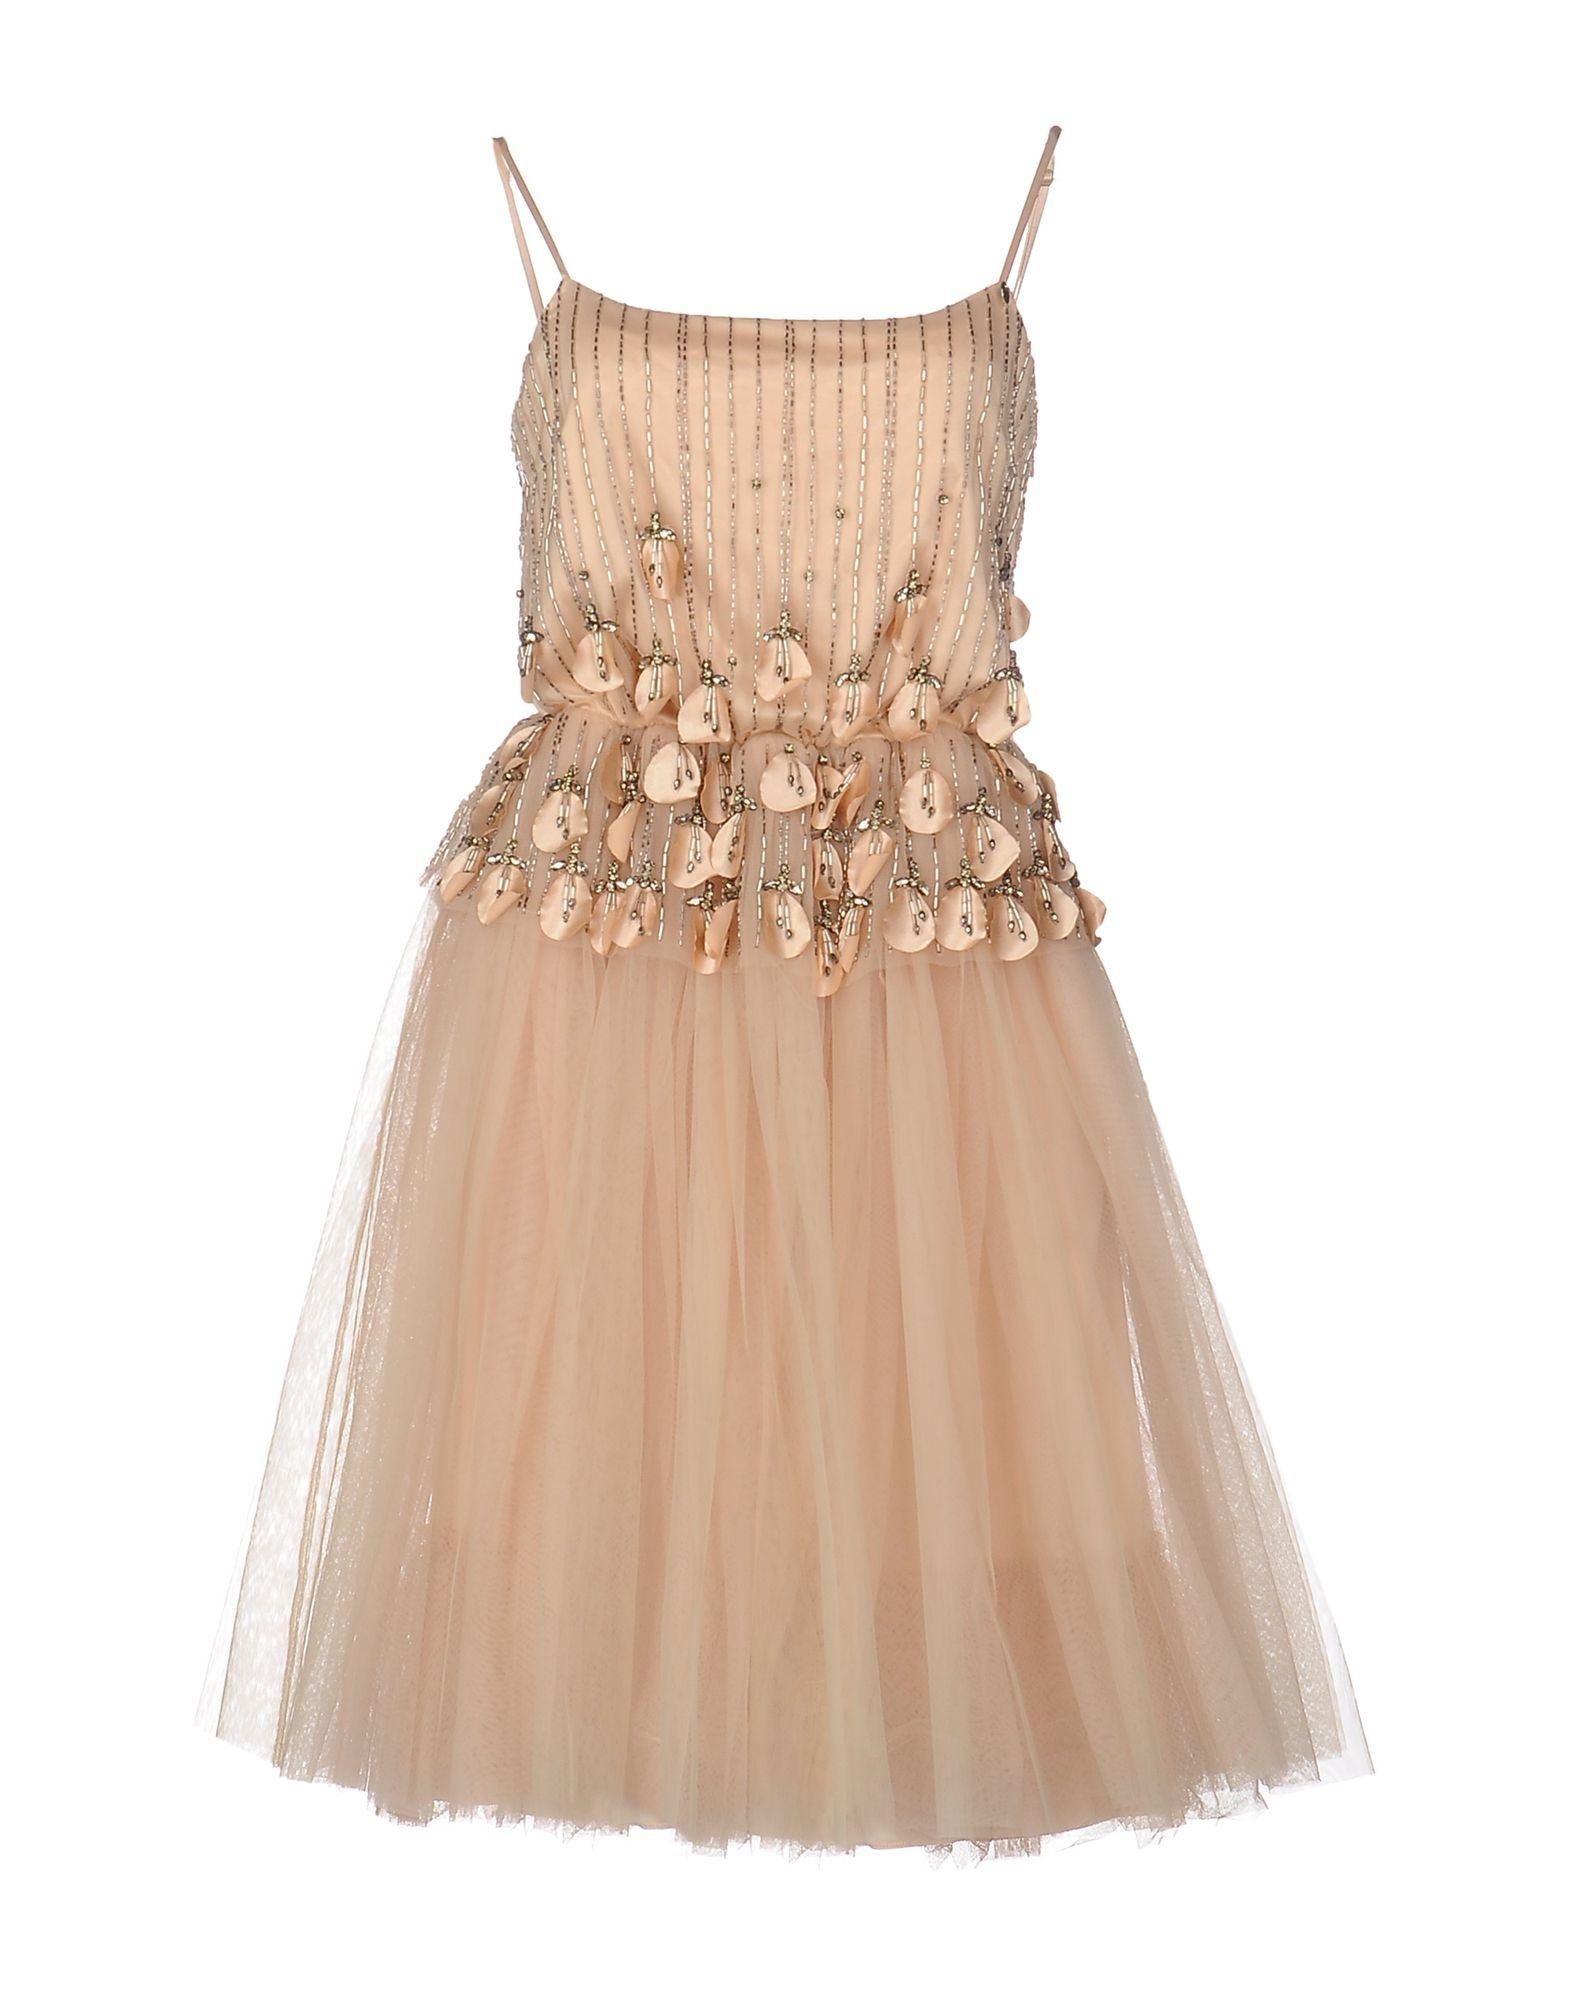 20 Genial Kleid Lang Beige Bester Preis20 Schön Kleid Lang Beige Vertrieb